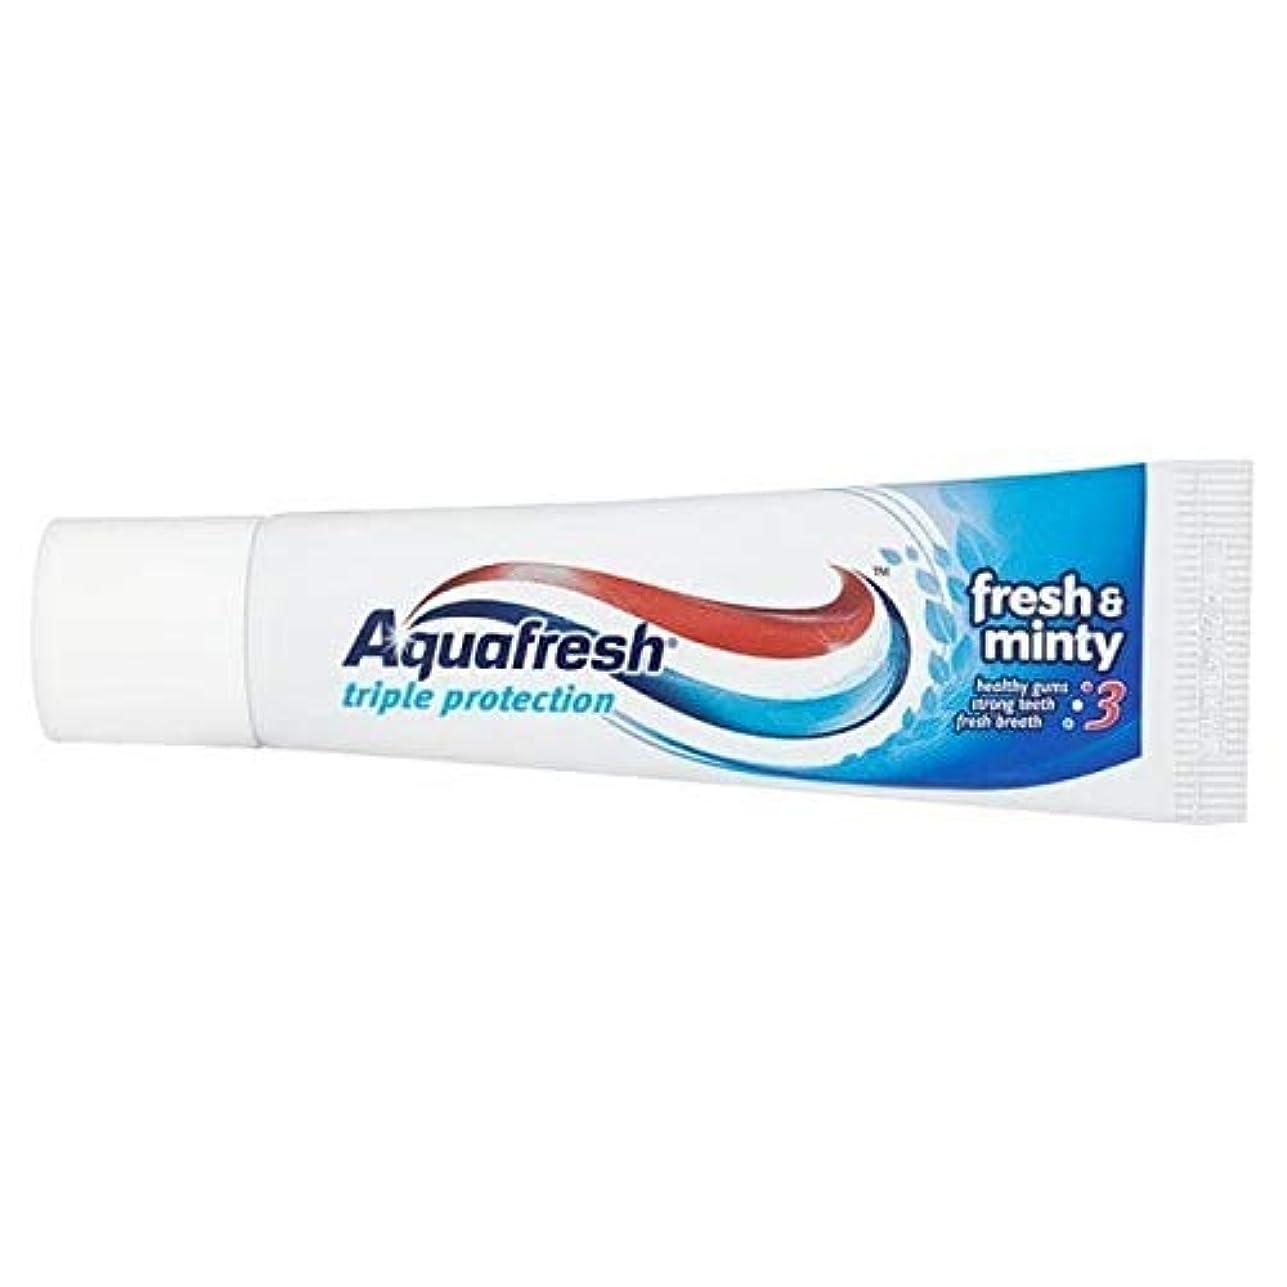 洞察力のある瞑想する神秘[Aquafresh ] アクアフレッシュフレッシュ&ミントフッ化物歯磨き粉20ミリリットル - Aquafresh Fresh & Minty Fluoride Toothpaste 20ml [並行輸入品]